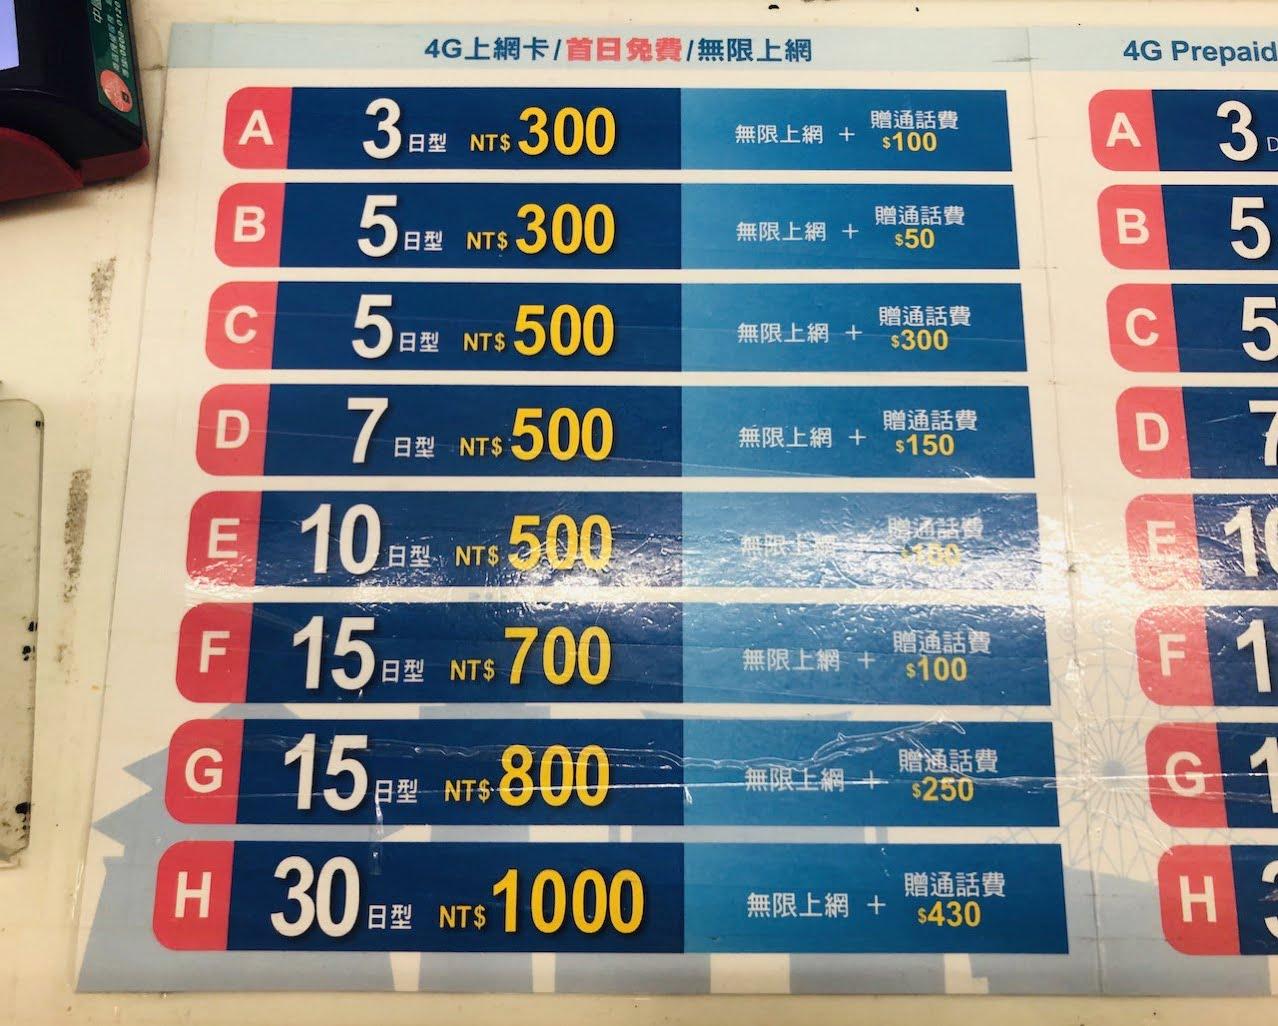 Taiwan airpor prepaids sim 0007